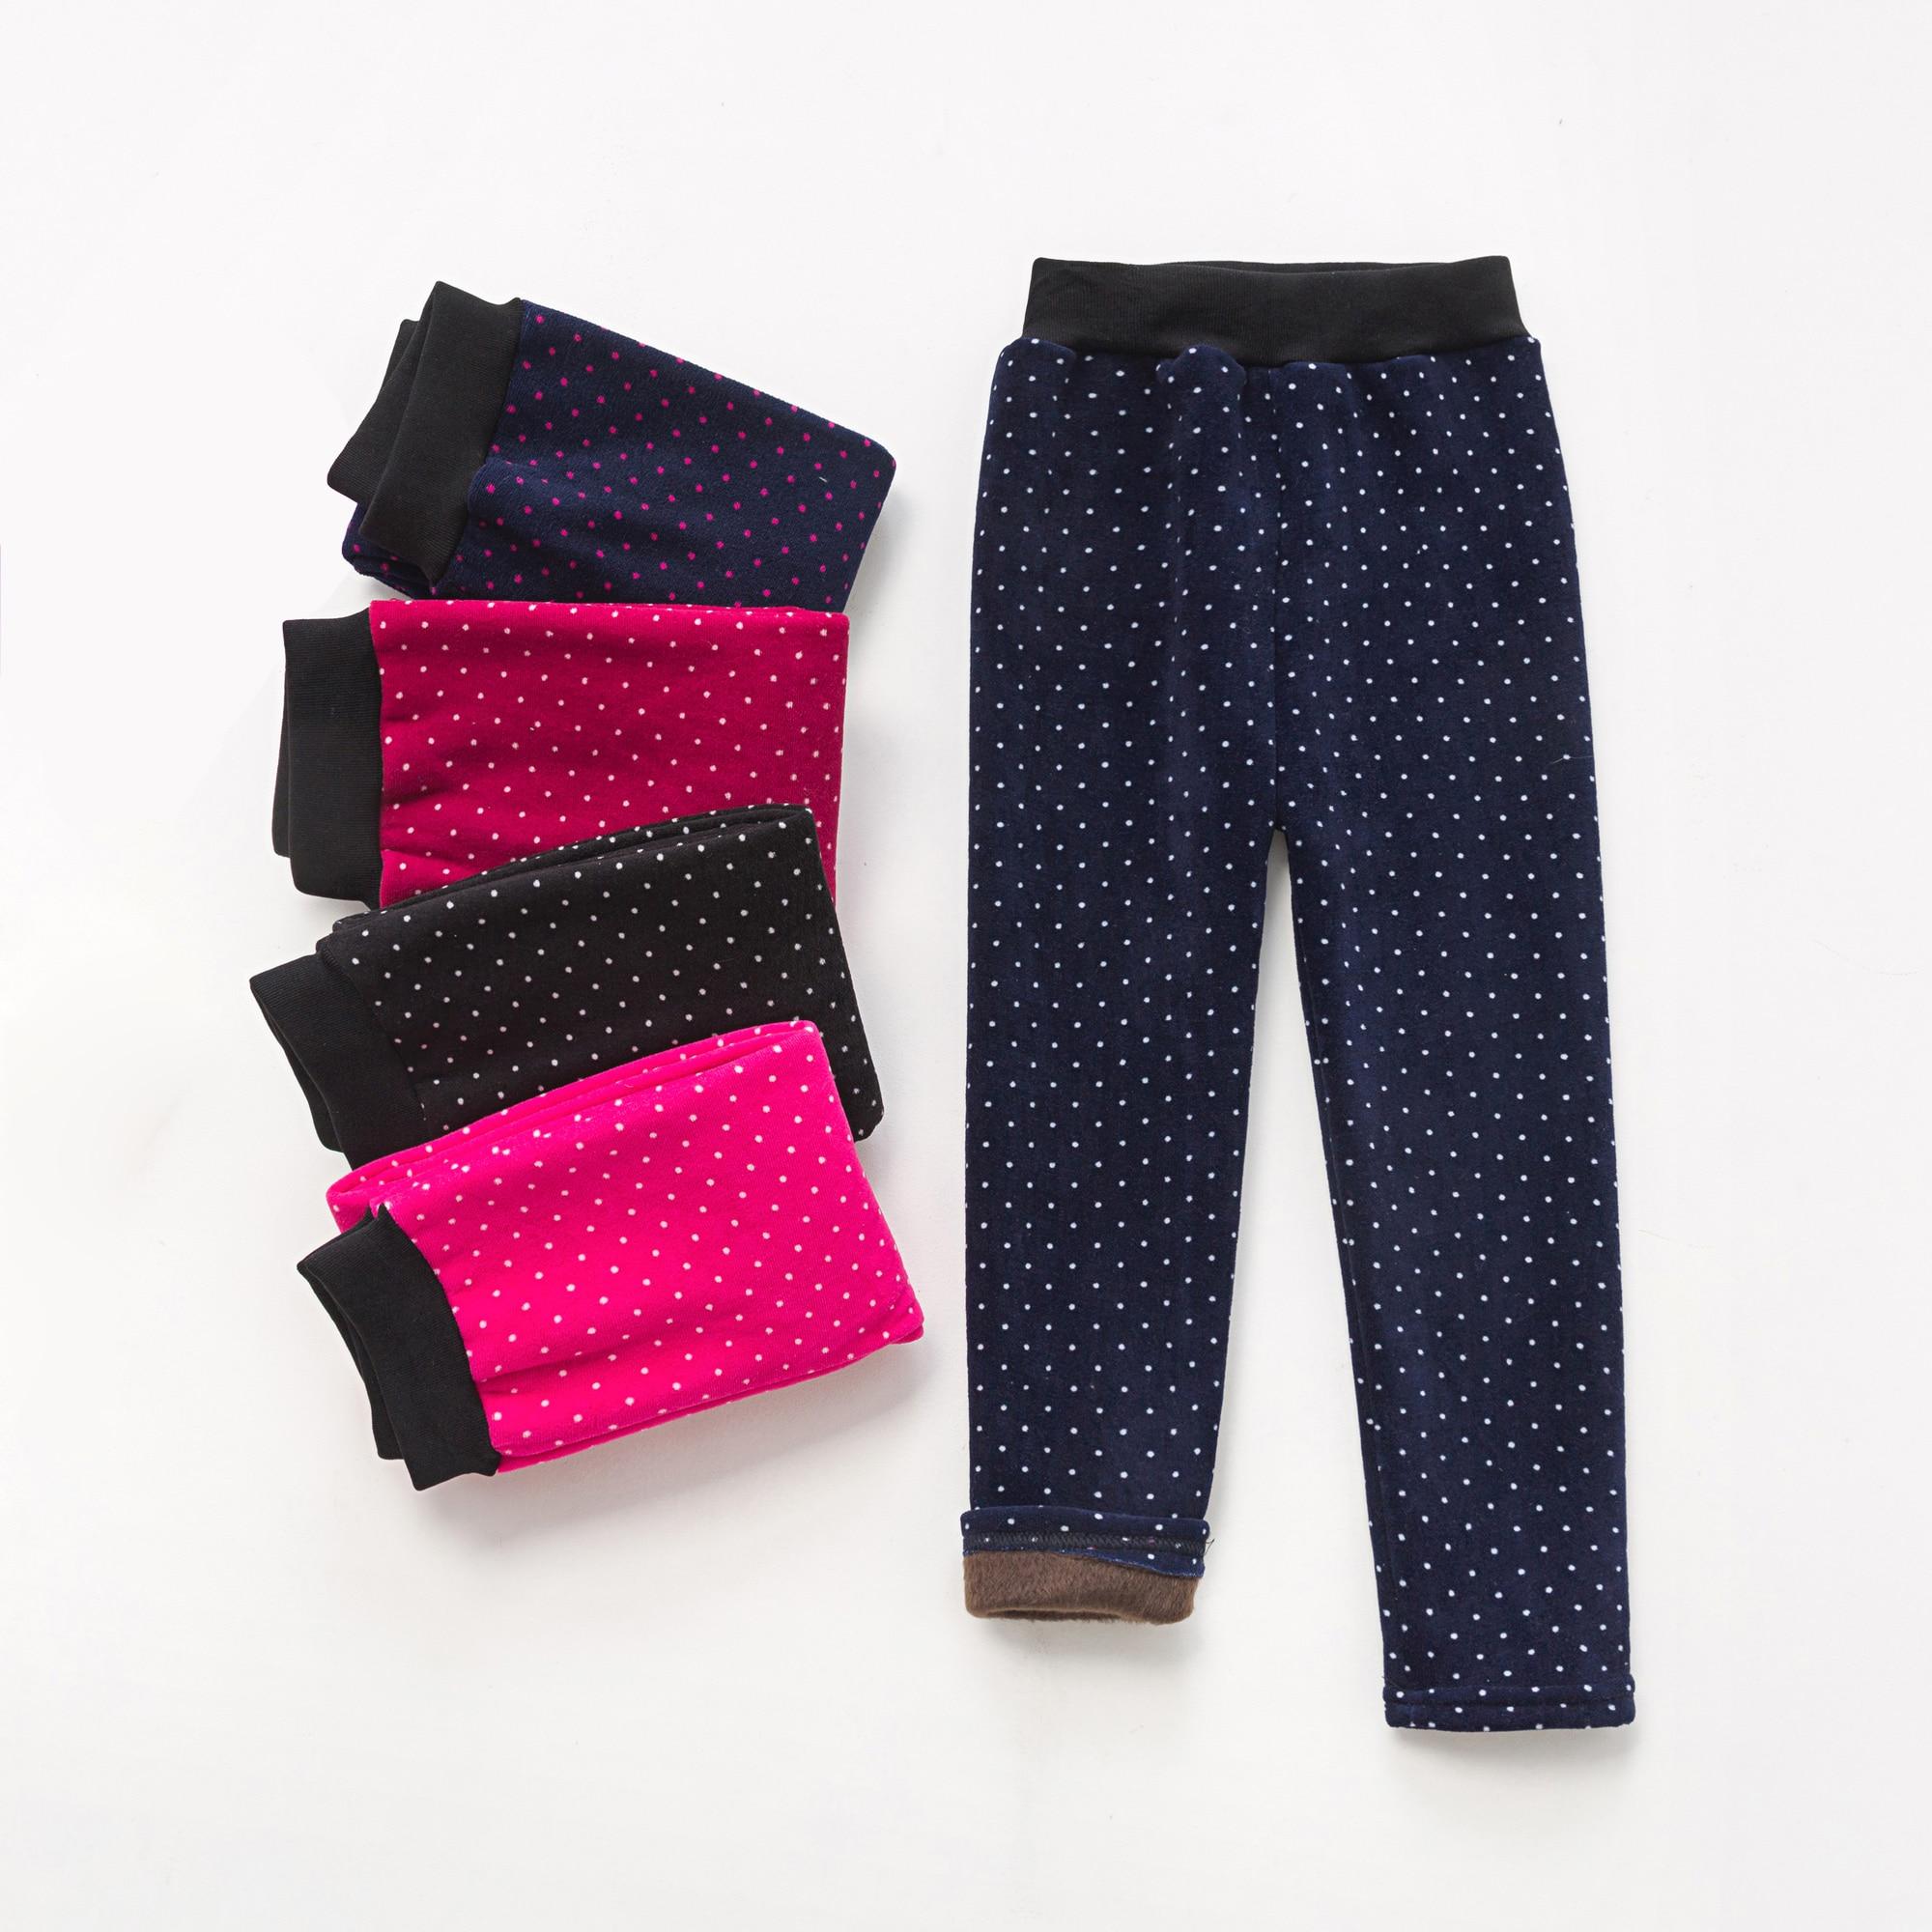 VEENIBEAR Warm Winter Girls Leggings Plus Velvet Girls Pants Kids Children Pants Girls Winter Clothing 2-7T 1